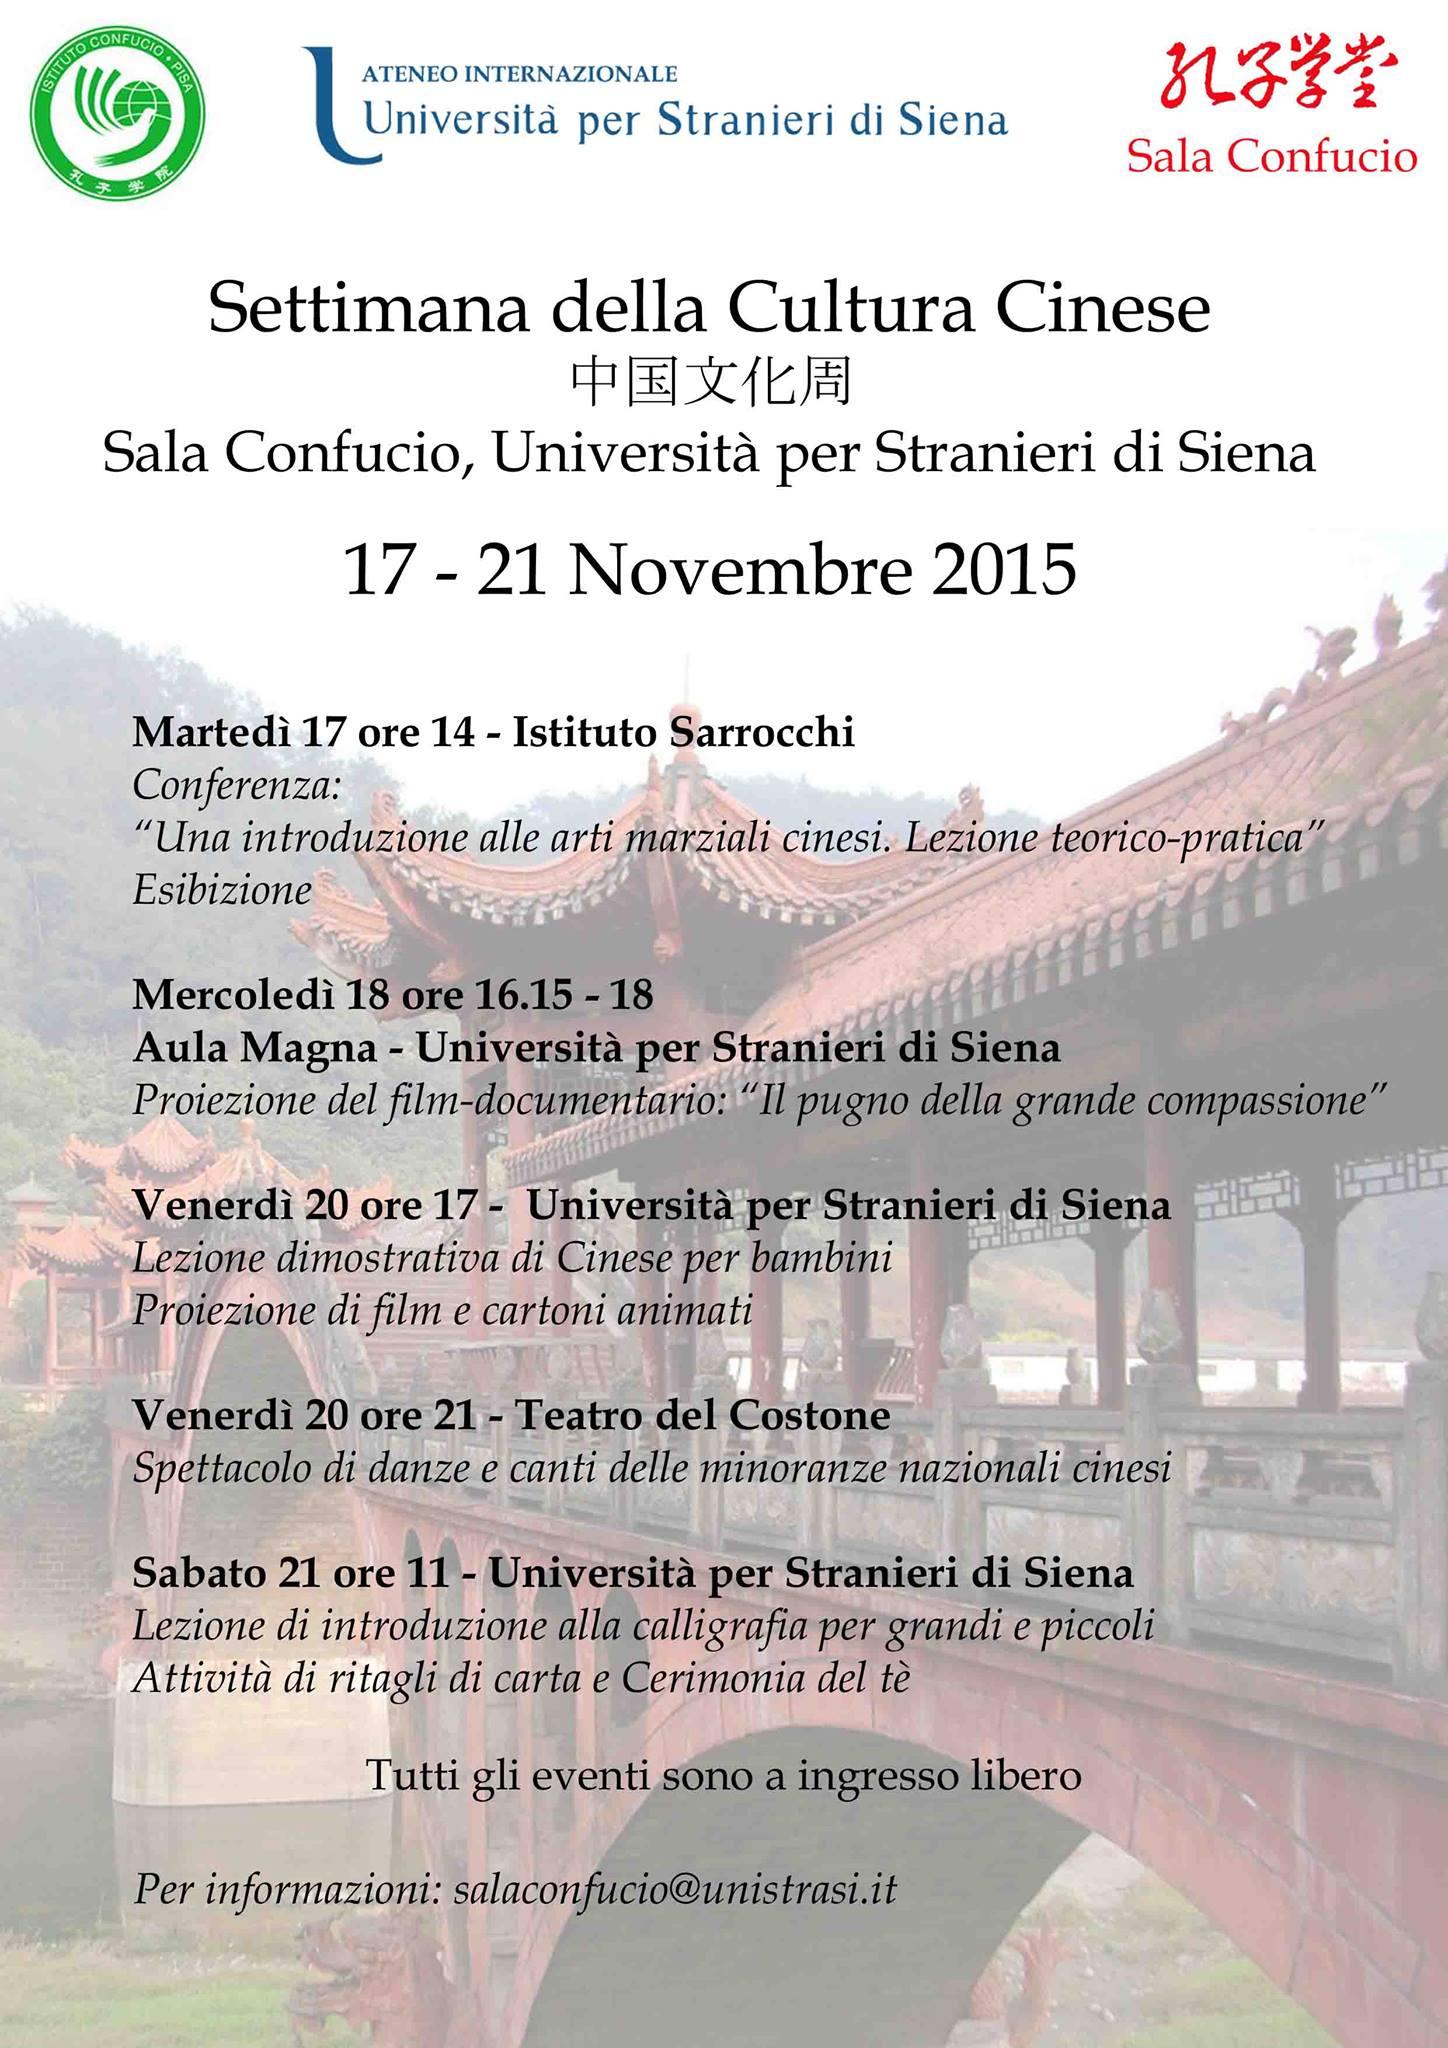 Settimana della cultura cinese a Siena